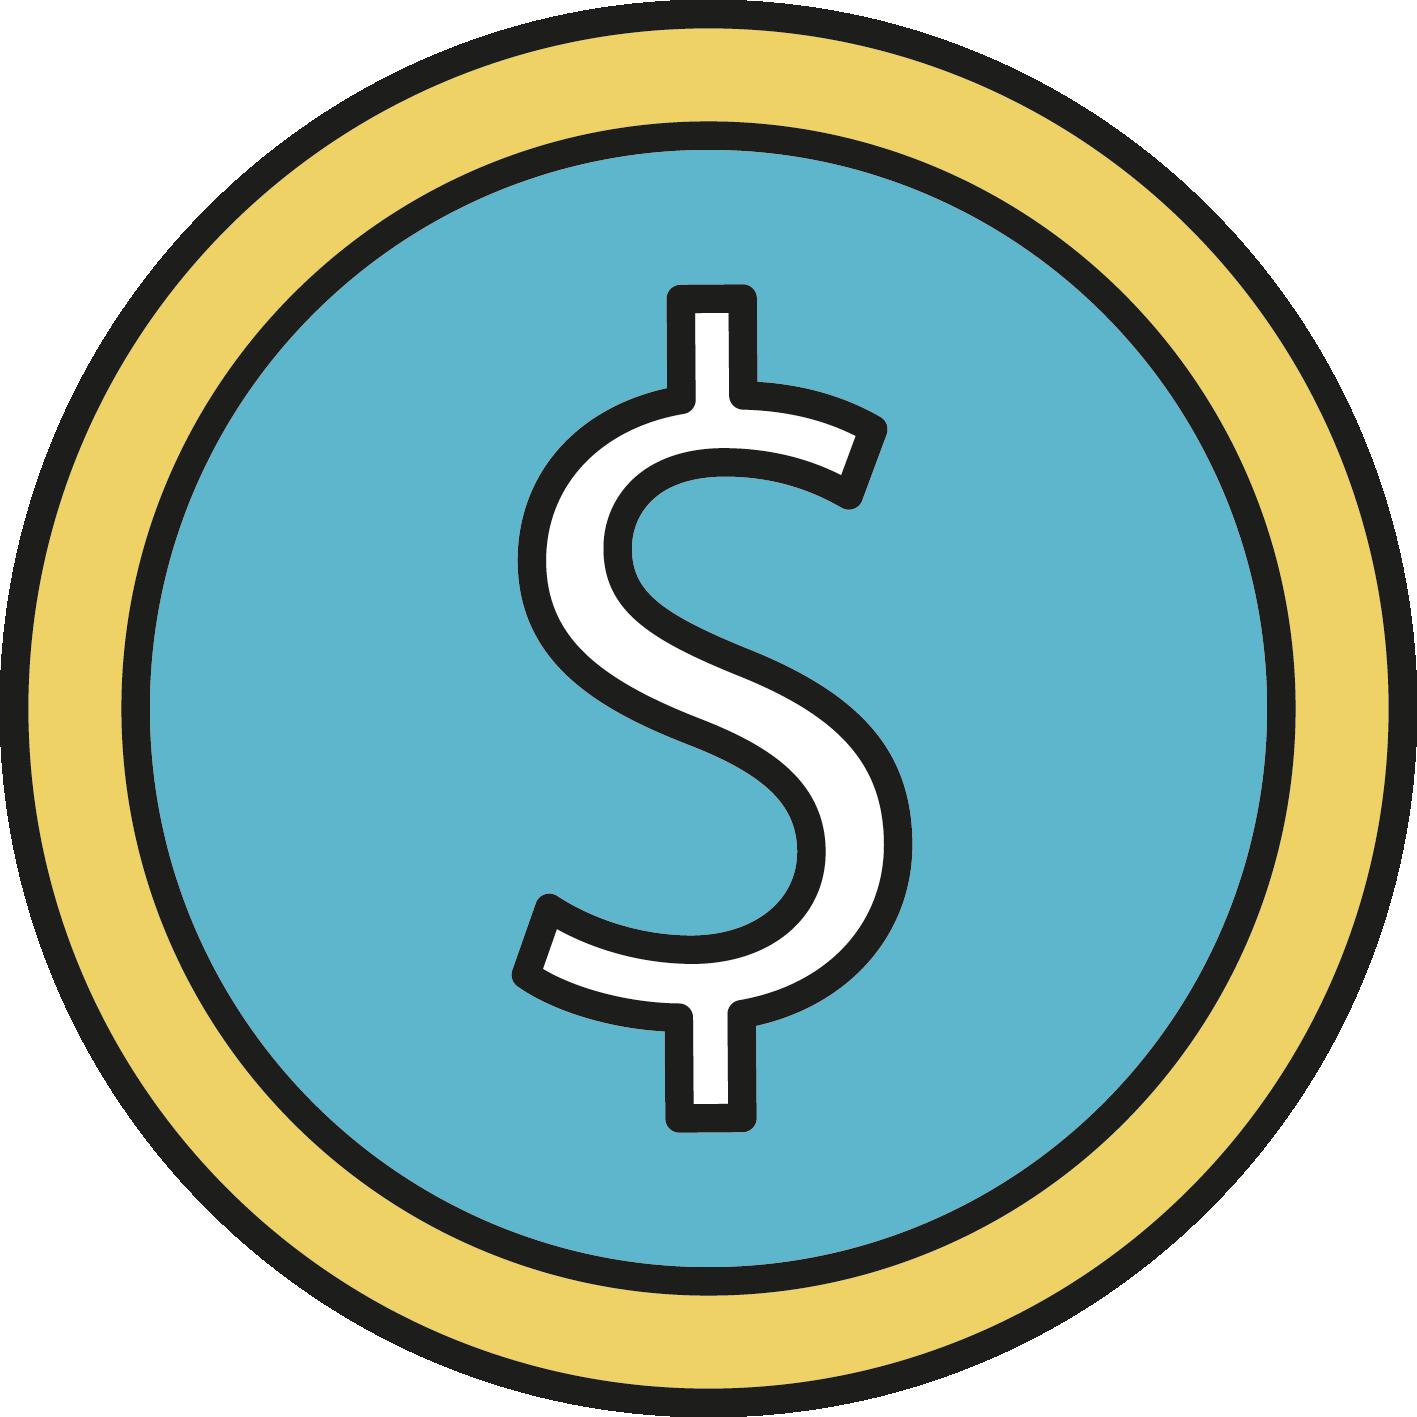 Preis-Leistungs-Verhältnis